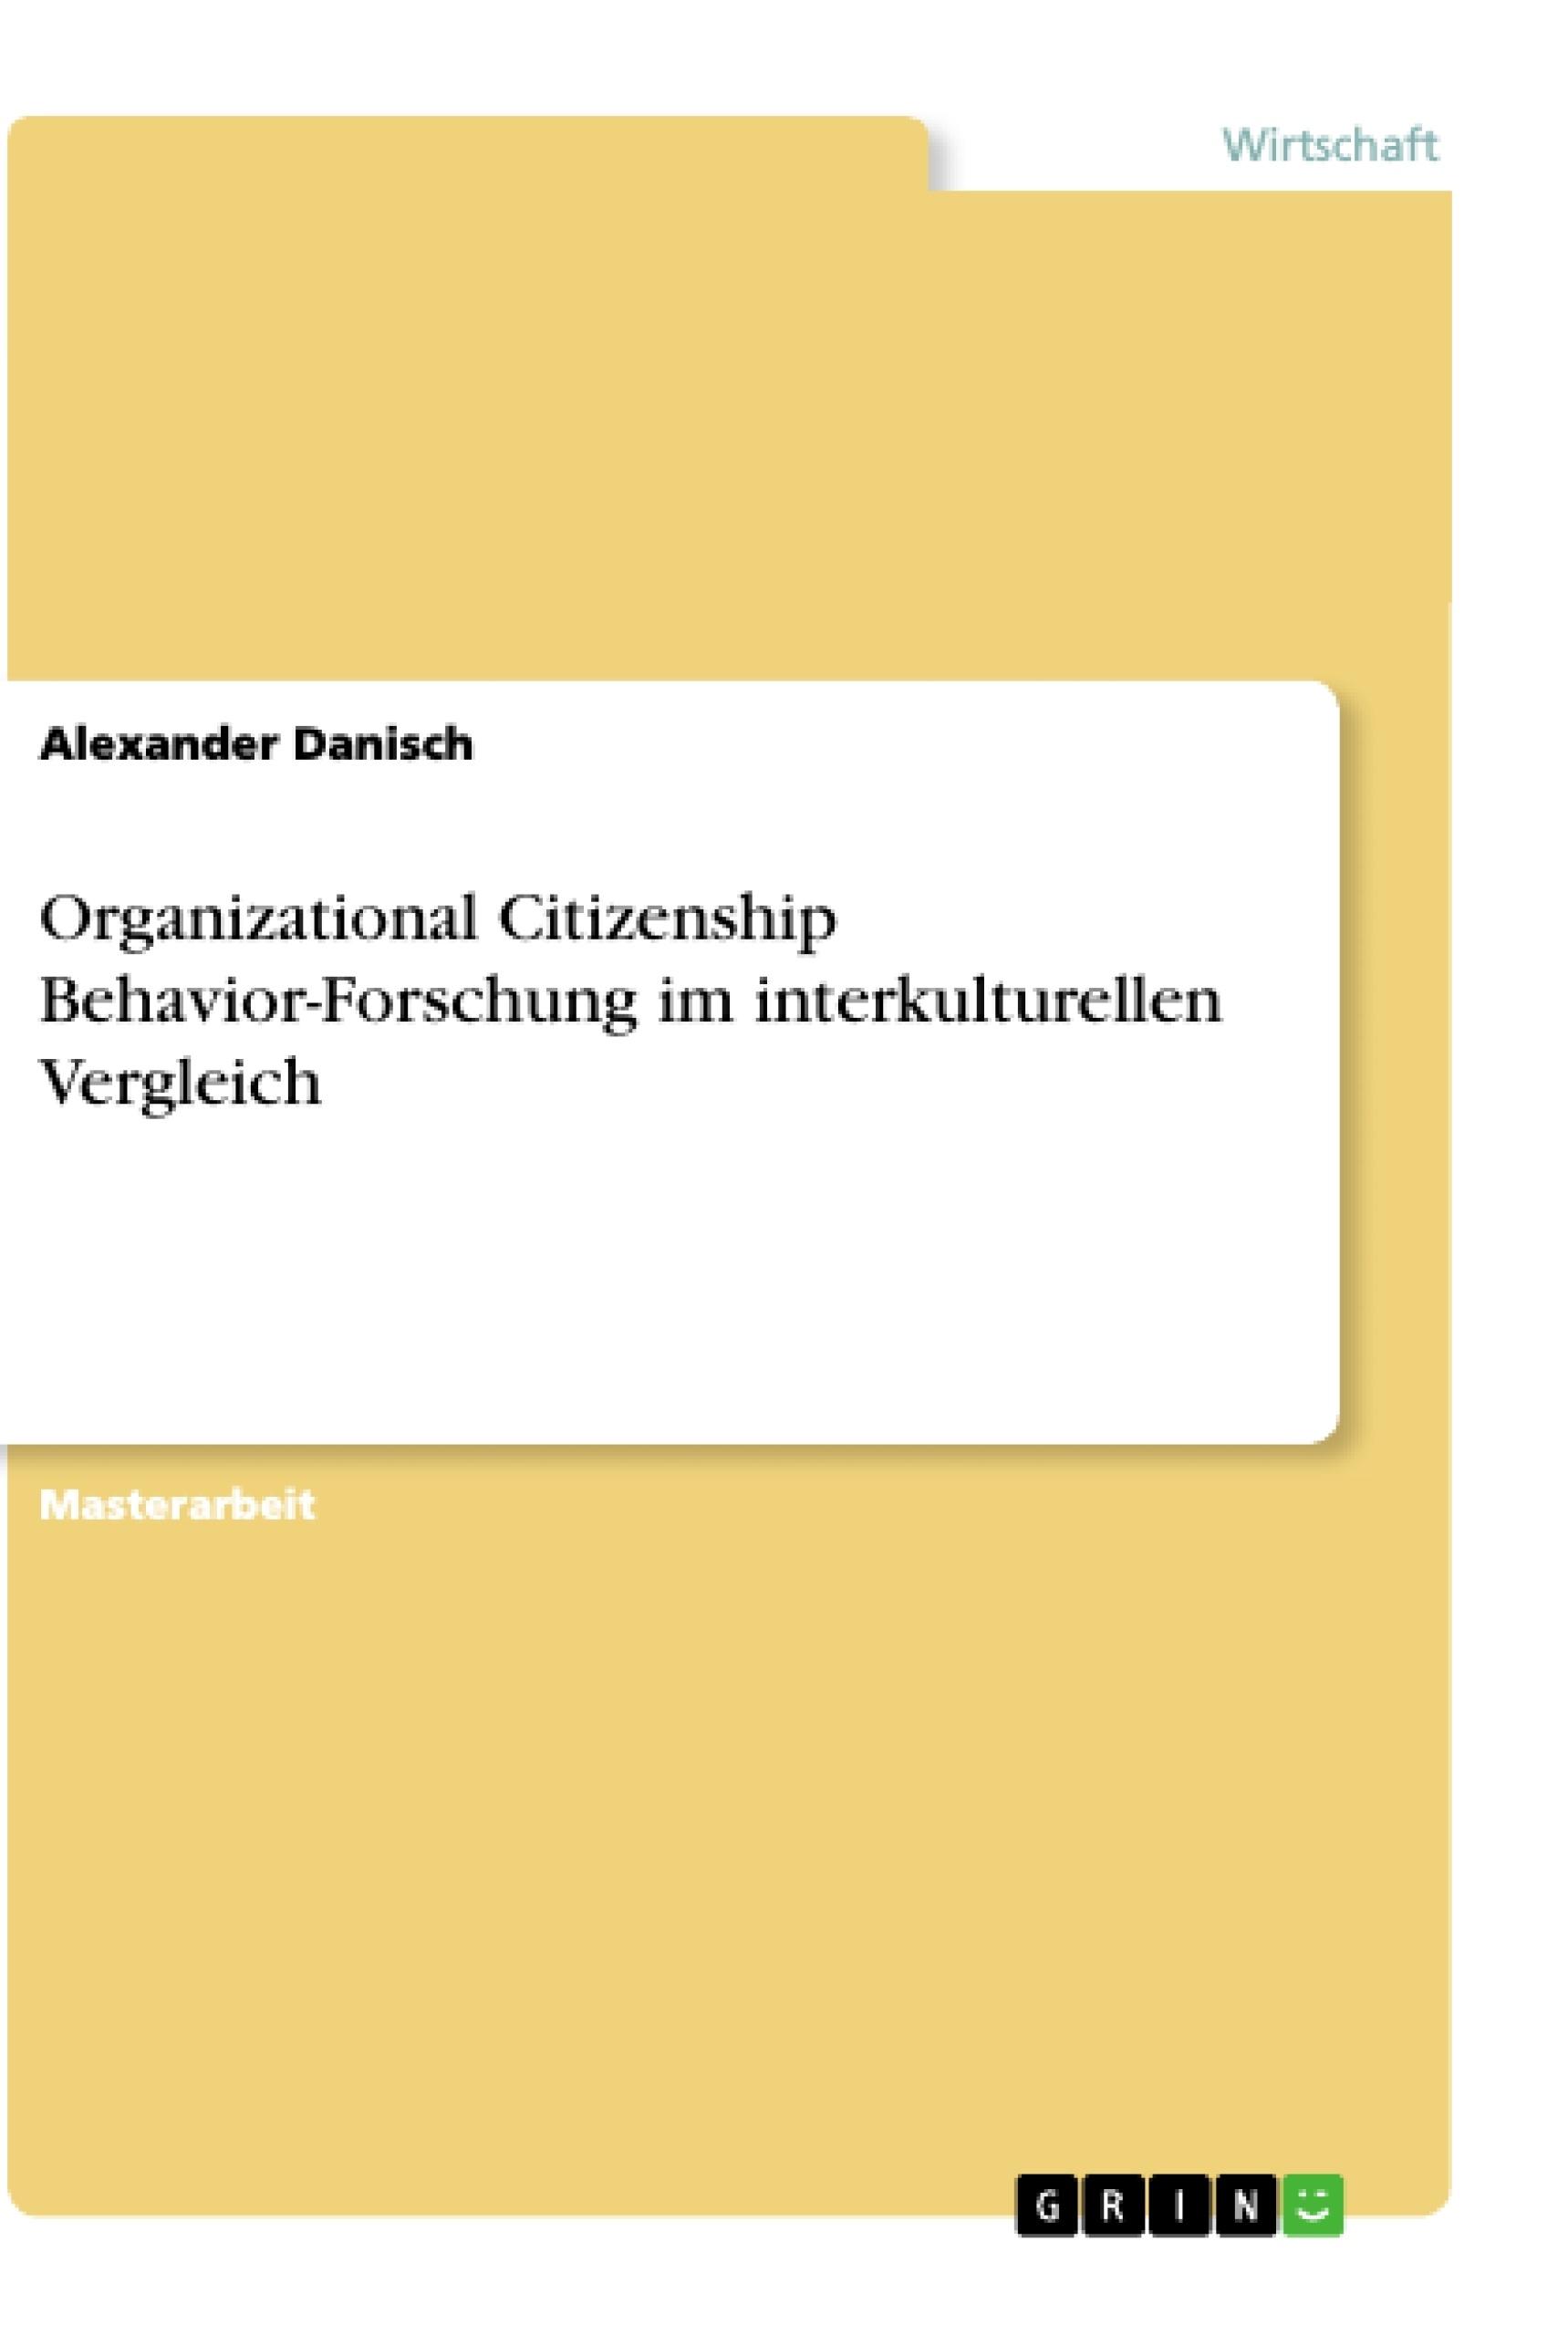 Titel: Organizational Citizenship Behavior-Forschung im interkulturellen Vergleich